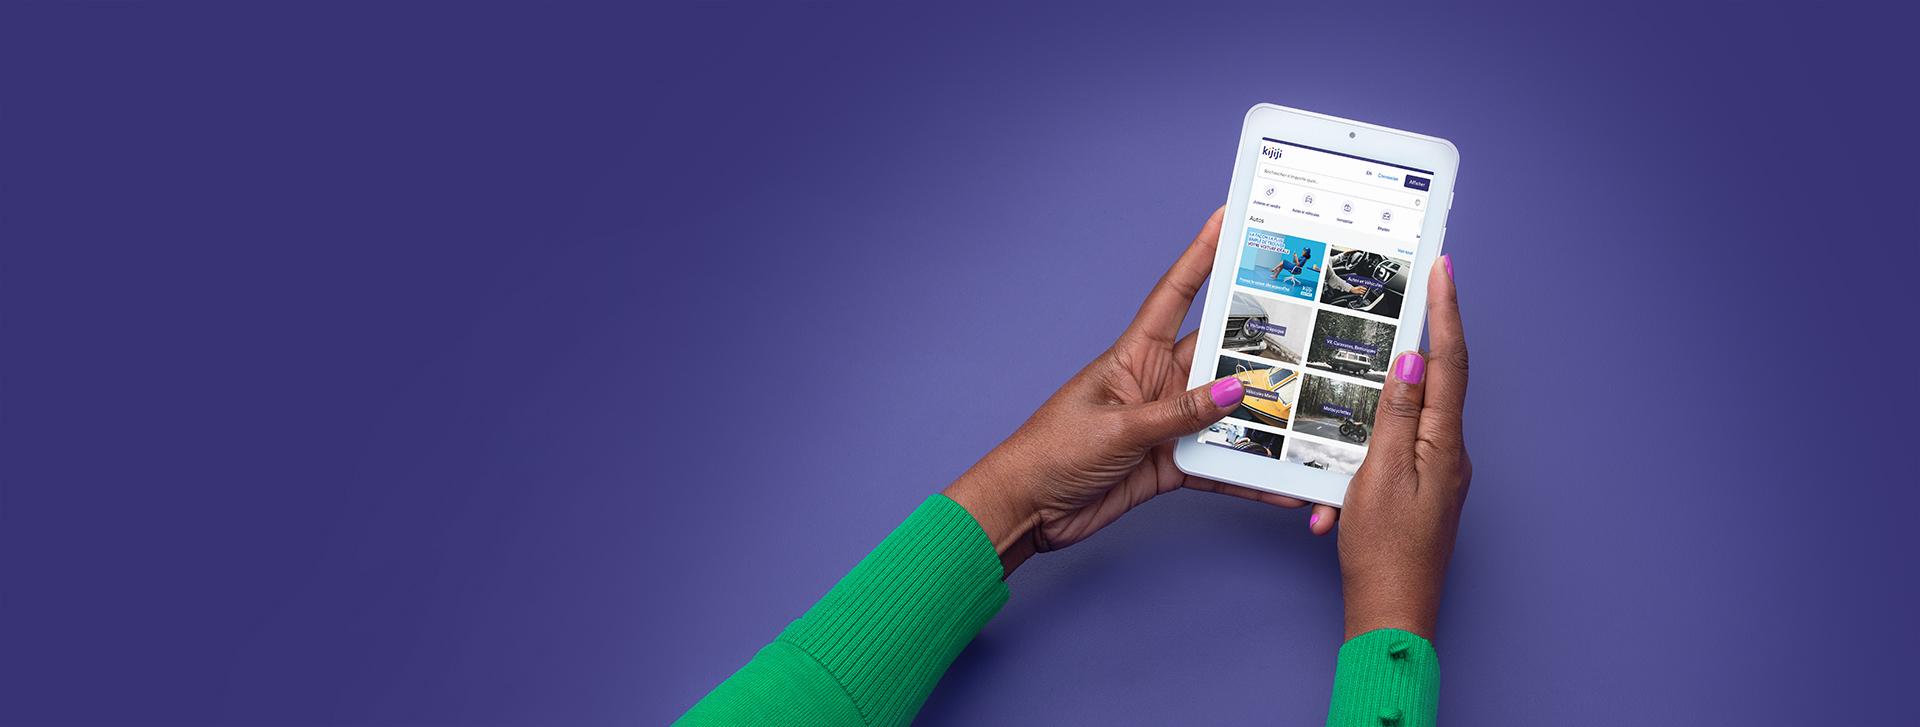 Deux mains tenant un appareil mobile sur lequel on voit le site Kijiji